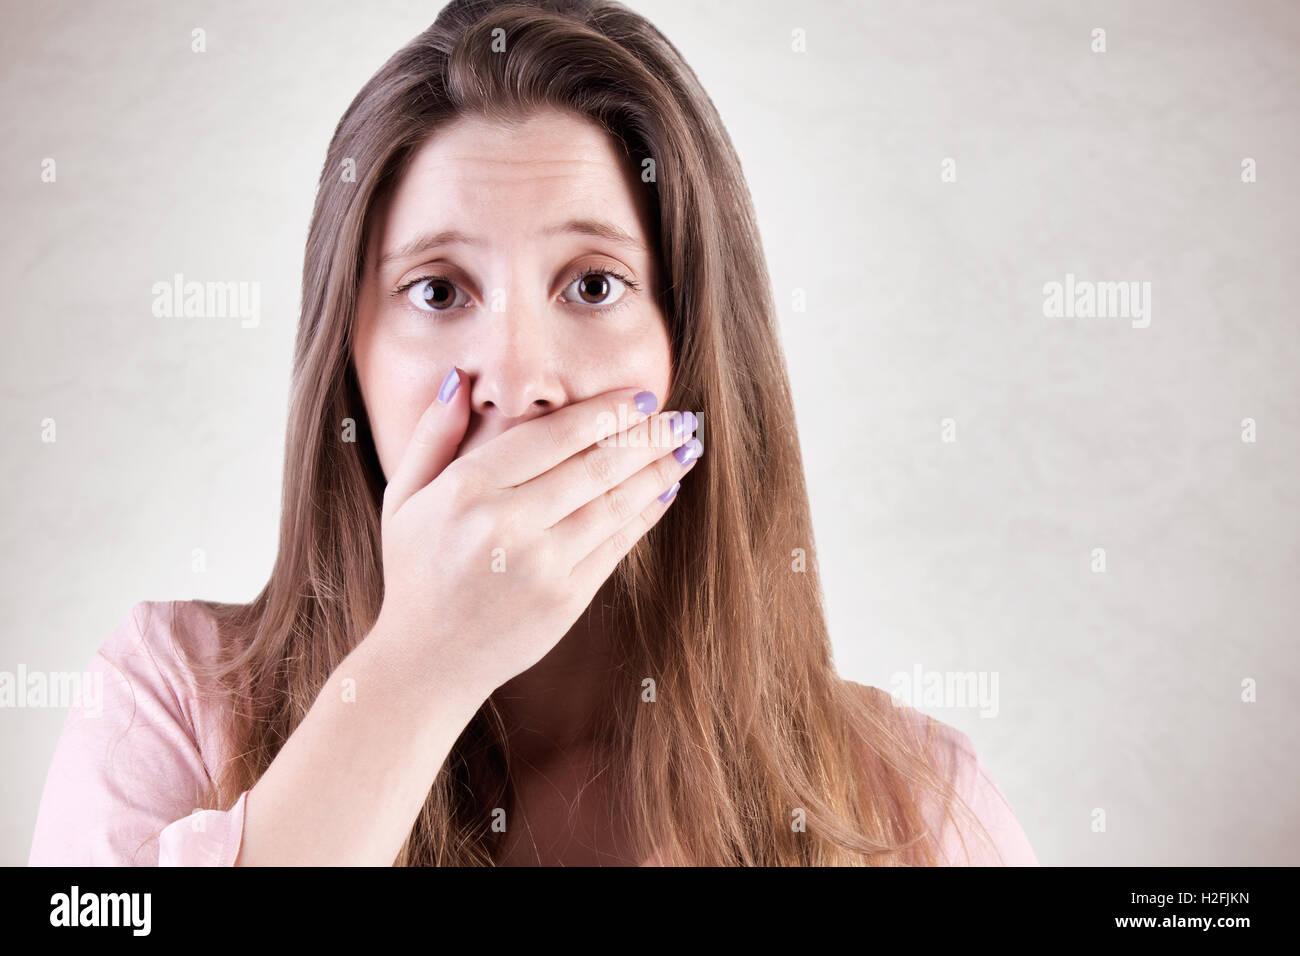 Primer plano de una mujer interesados cubriendo su boca, aislada en un estado de ánimo gris oscuro Imagen De Stock